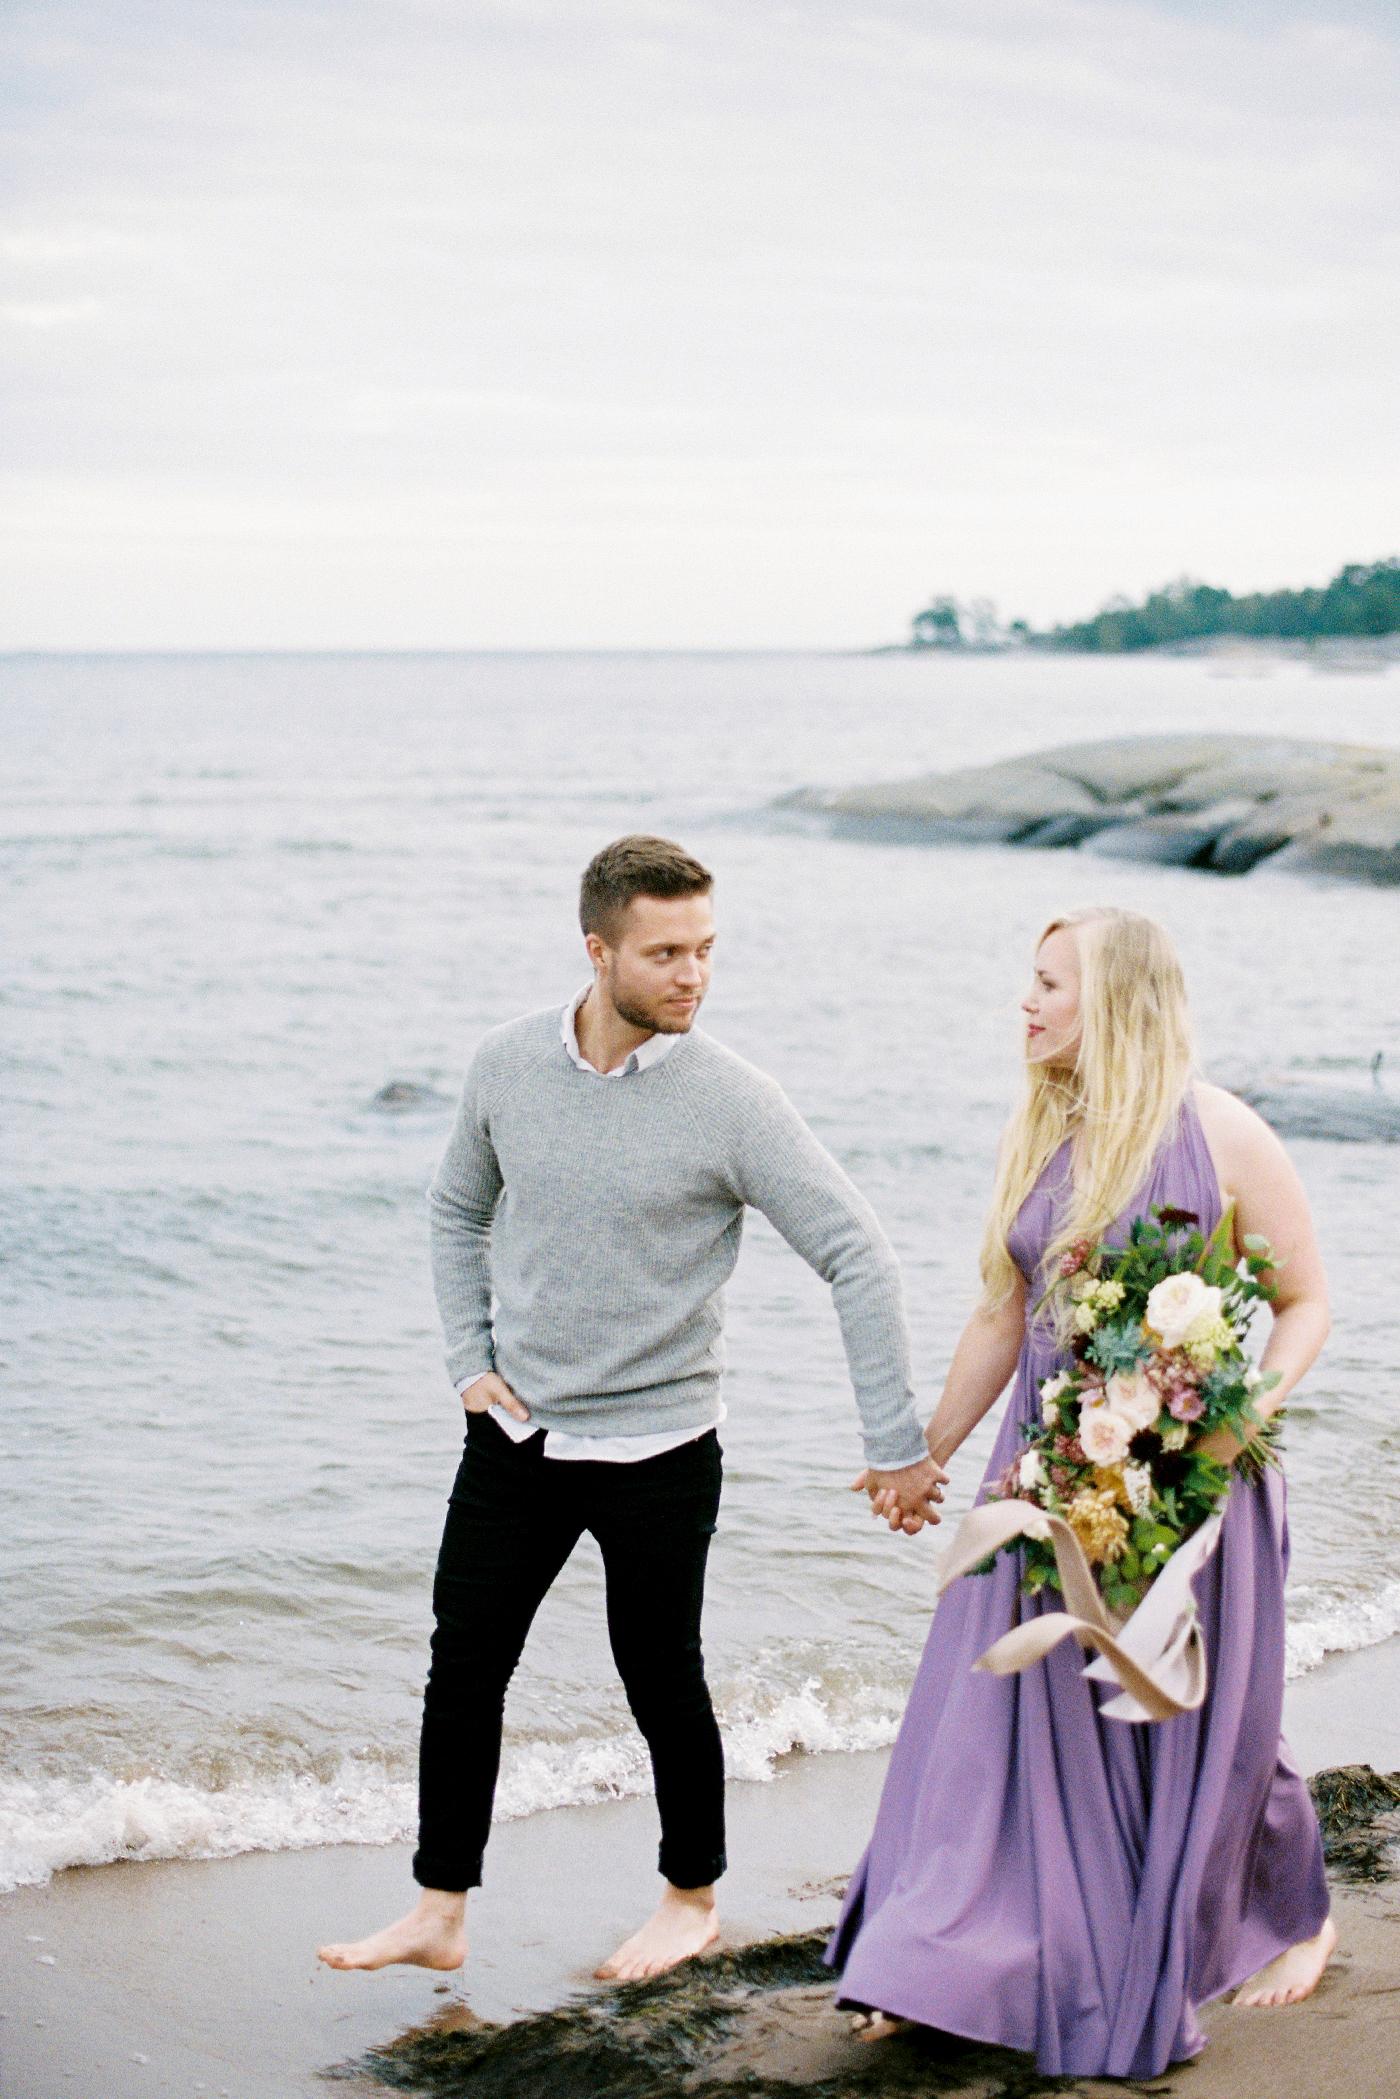 Sari & Mikko - Beach Engagement Couple Shoot in Hanko kihlakuvaus parikuvaus - Susanna Nordvall - Hey Look (28).jpg